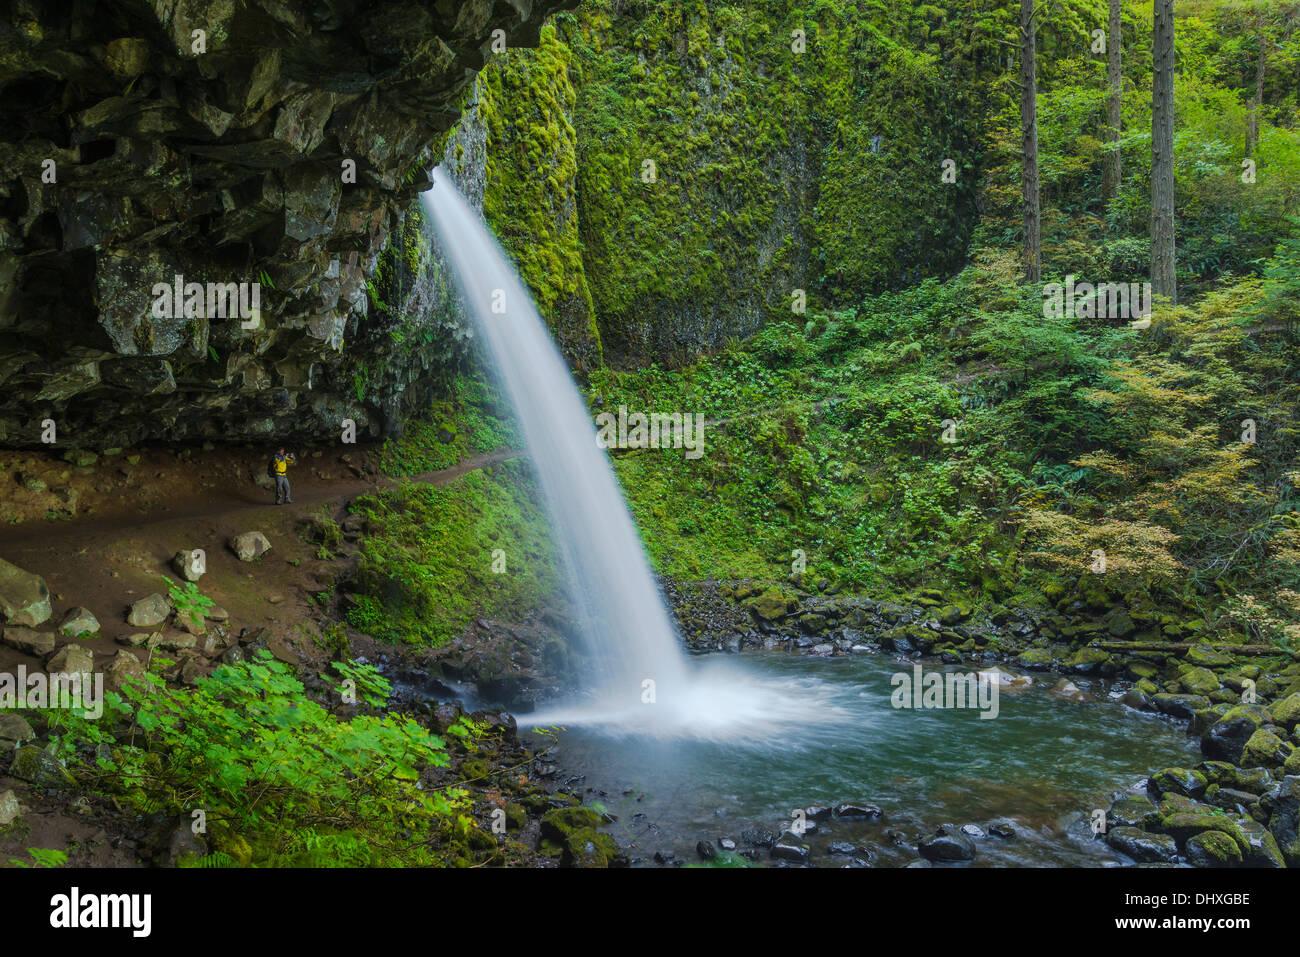 Wanderer hinter Pferdeschwanz fällt (aka Upper Schachtelhalm Falls), Columbia River Gorge National Scenic Area, Stockbild